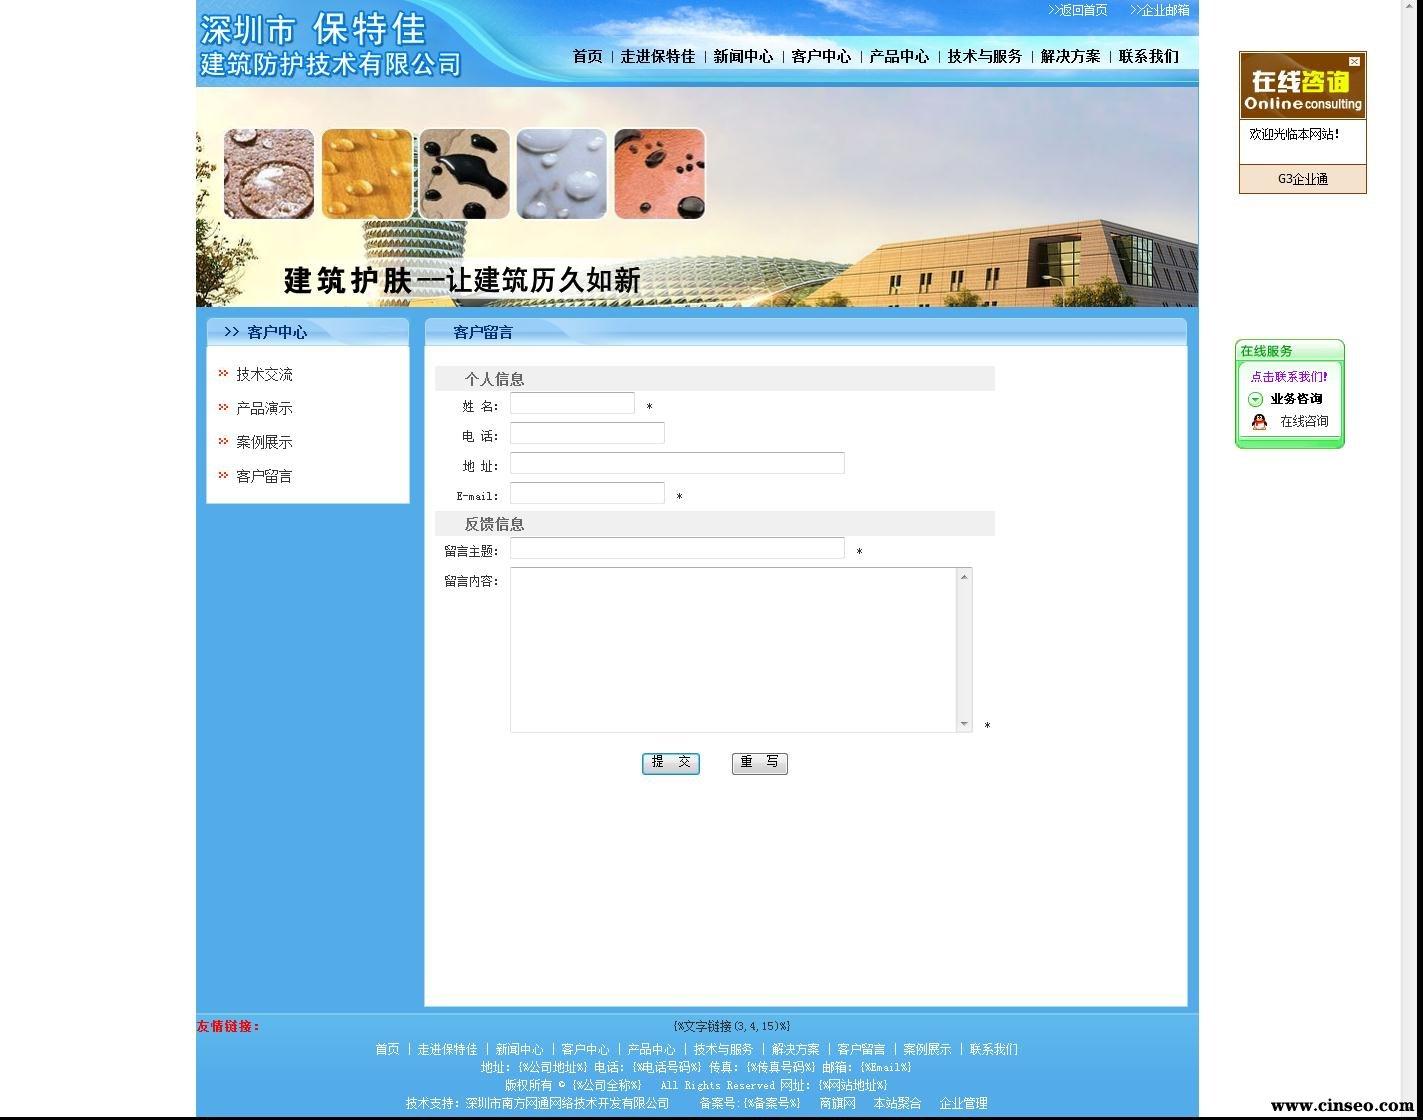 建筑防护_蓝色_大气_通用企业网站留言页模板